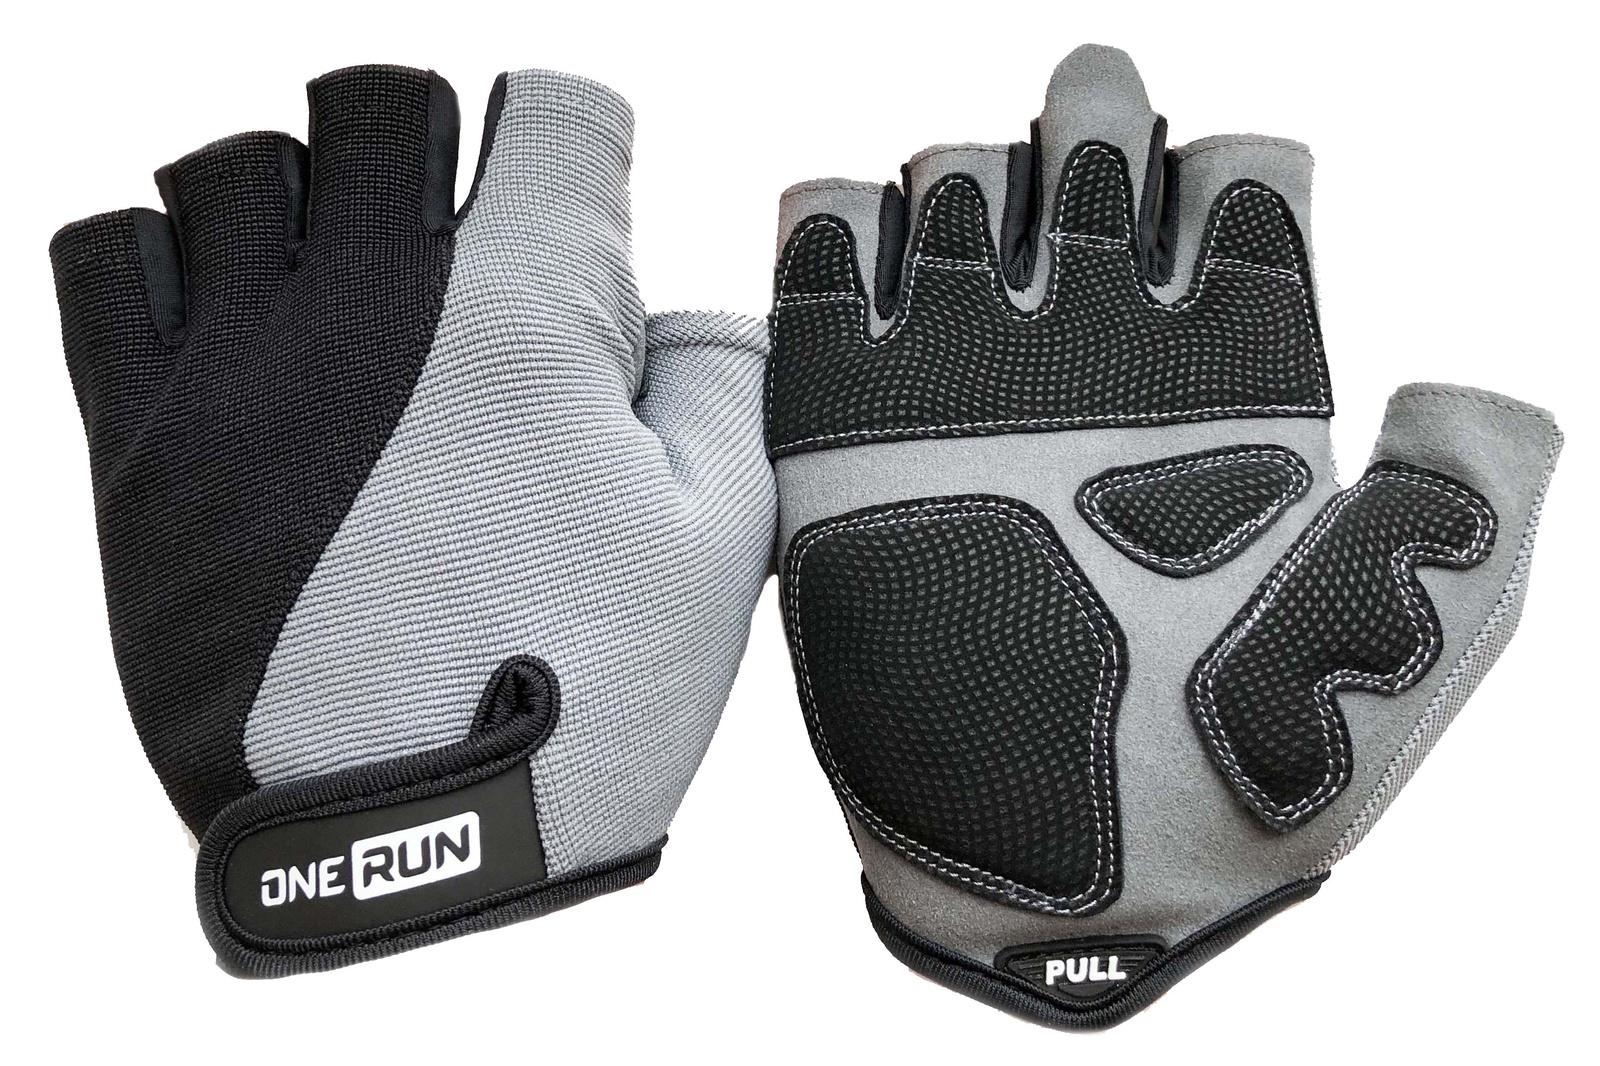 Перчатки для фитнеса OneRun мужские, 16-1562G-M, серый, черный, размер M перчатки мужские сплав catch цвет черный 1581320 размер 8